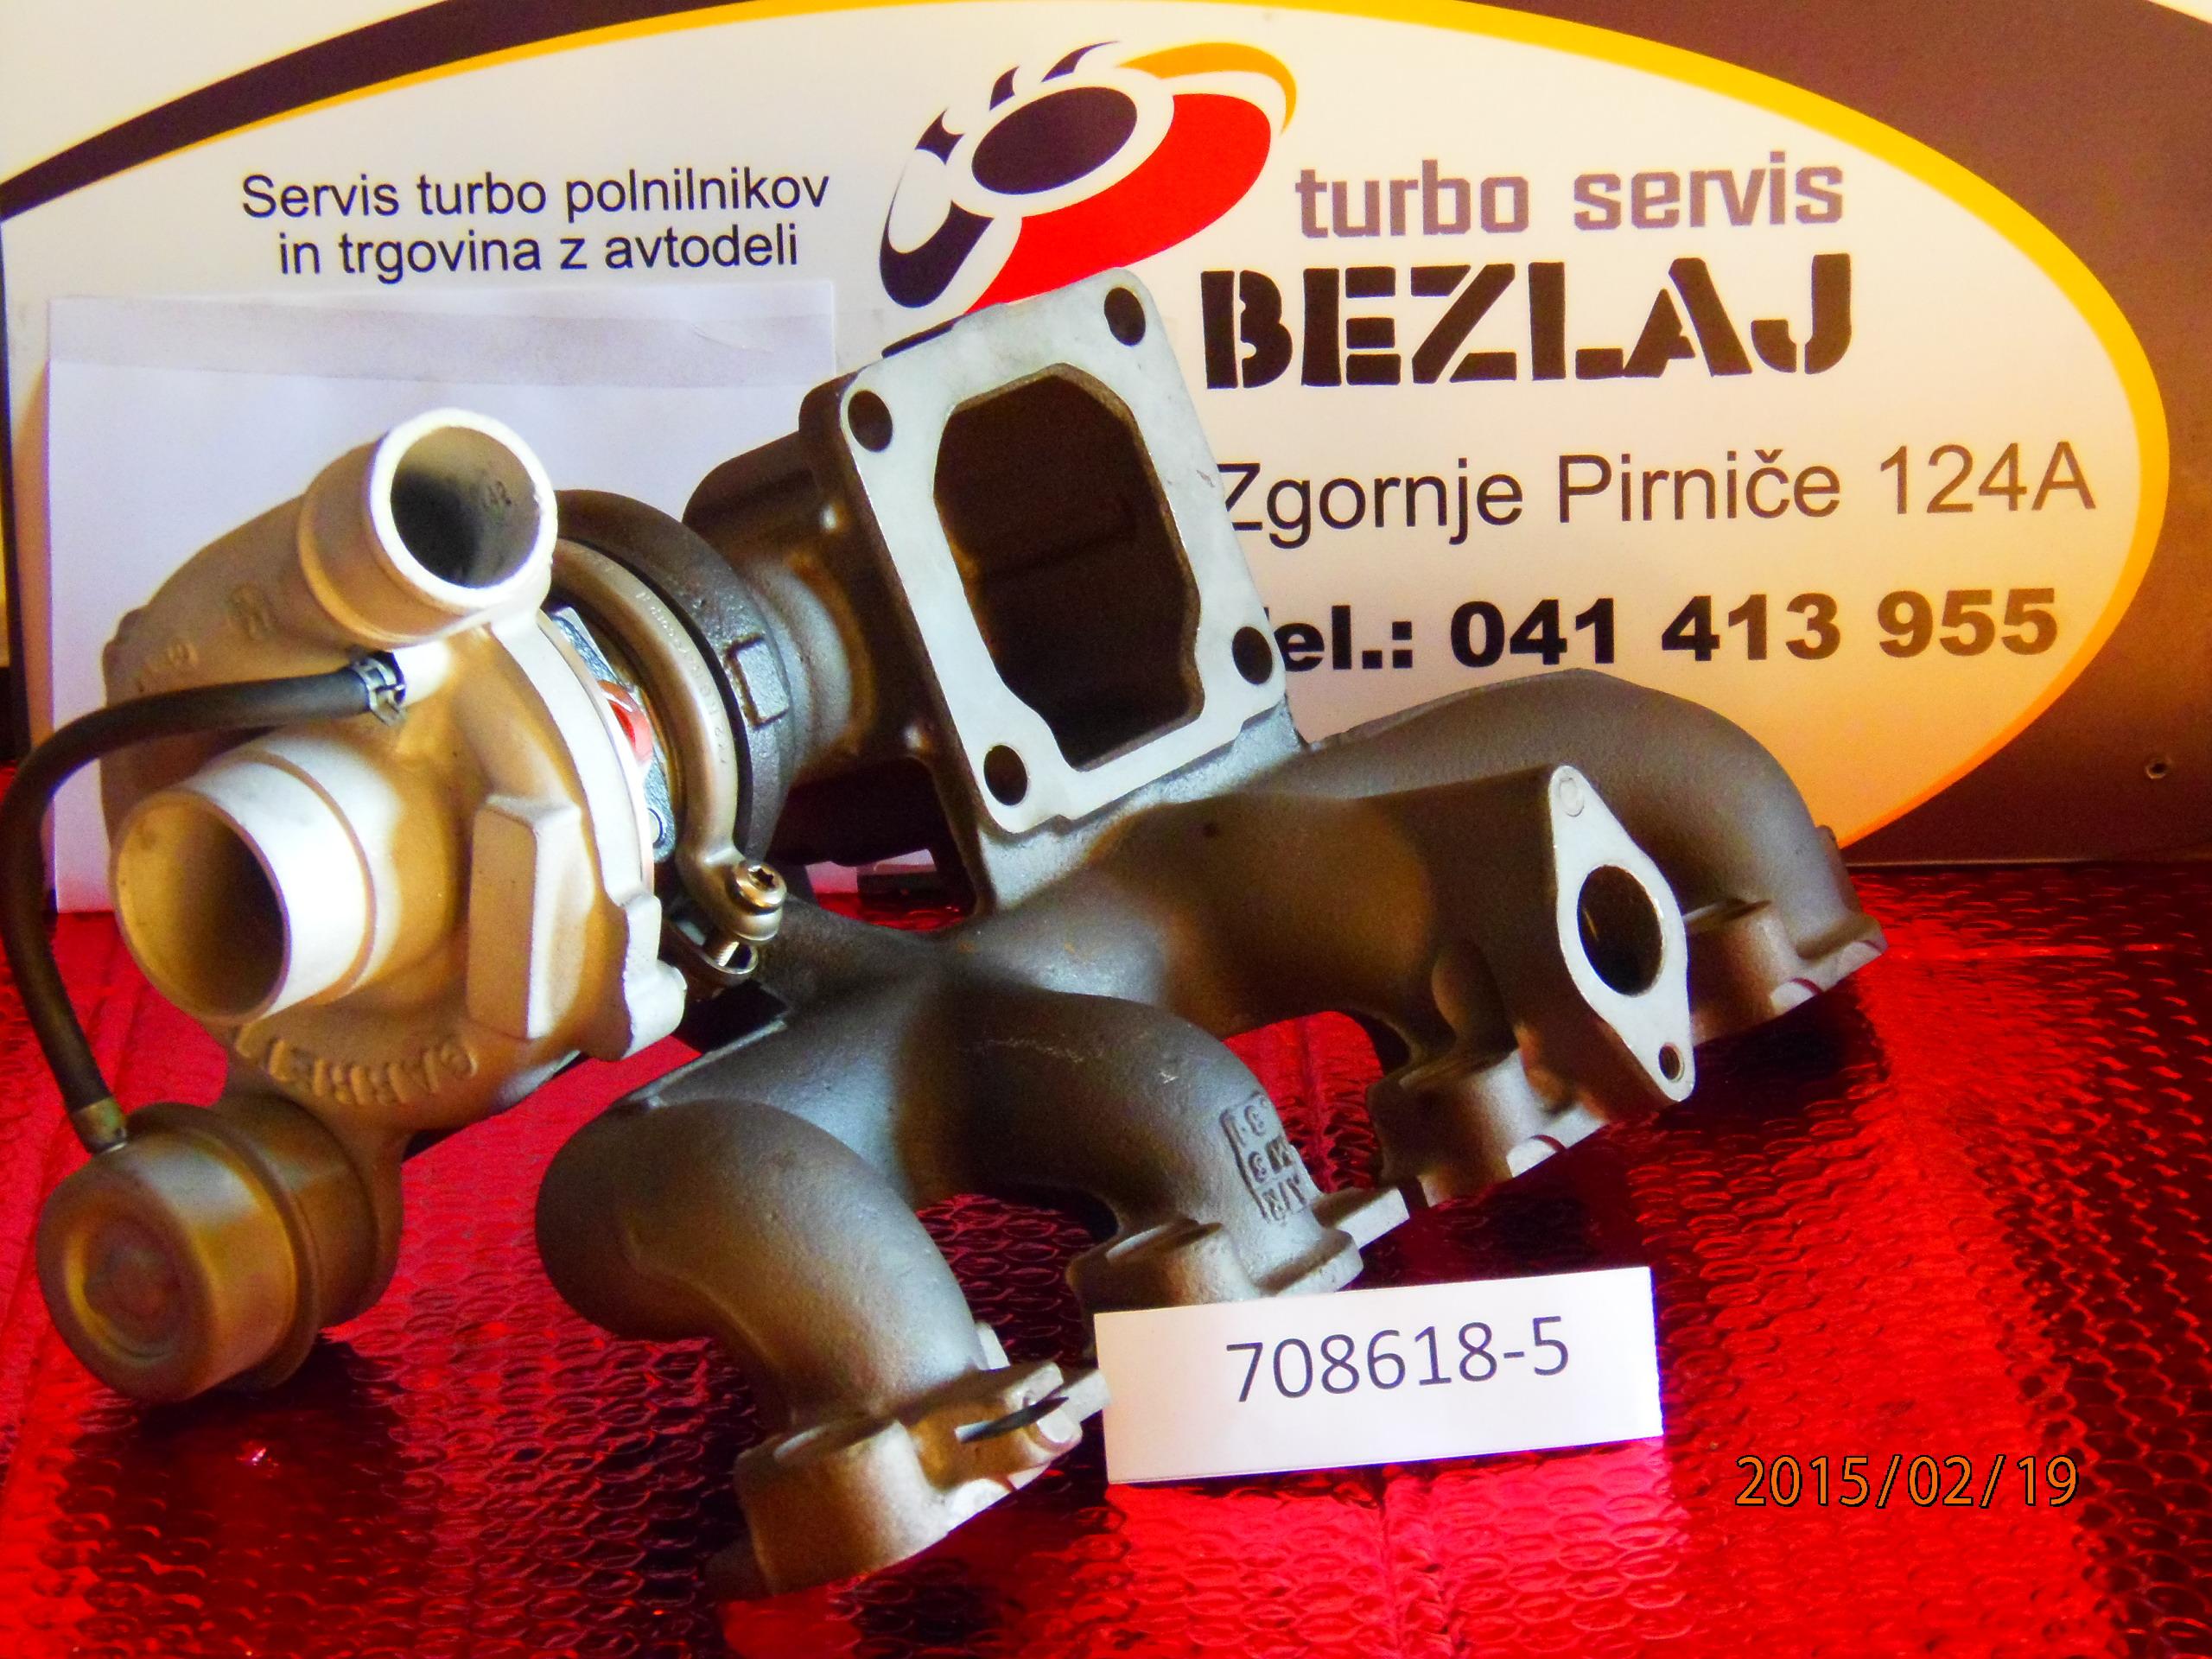 turbo708618-5 2